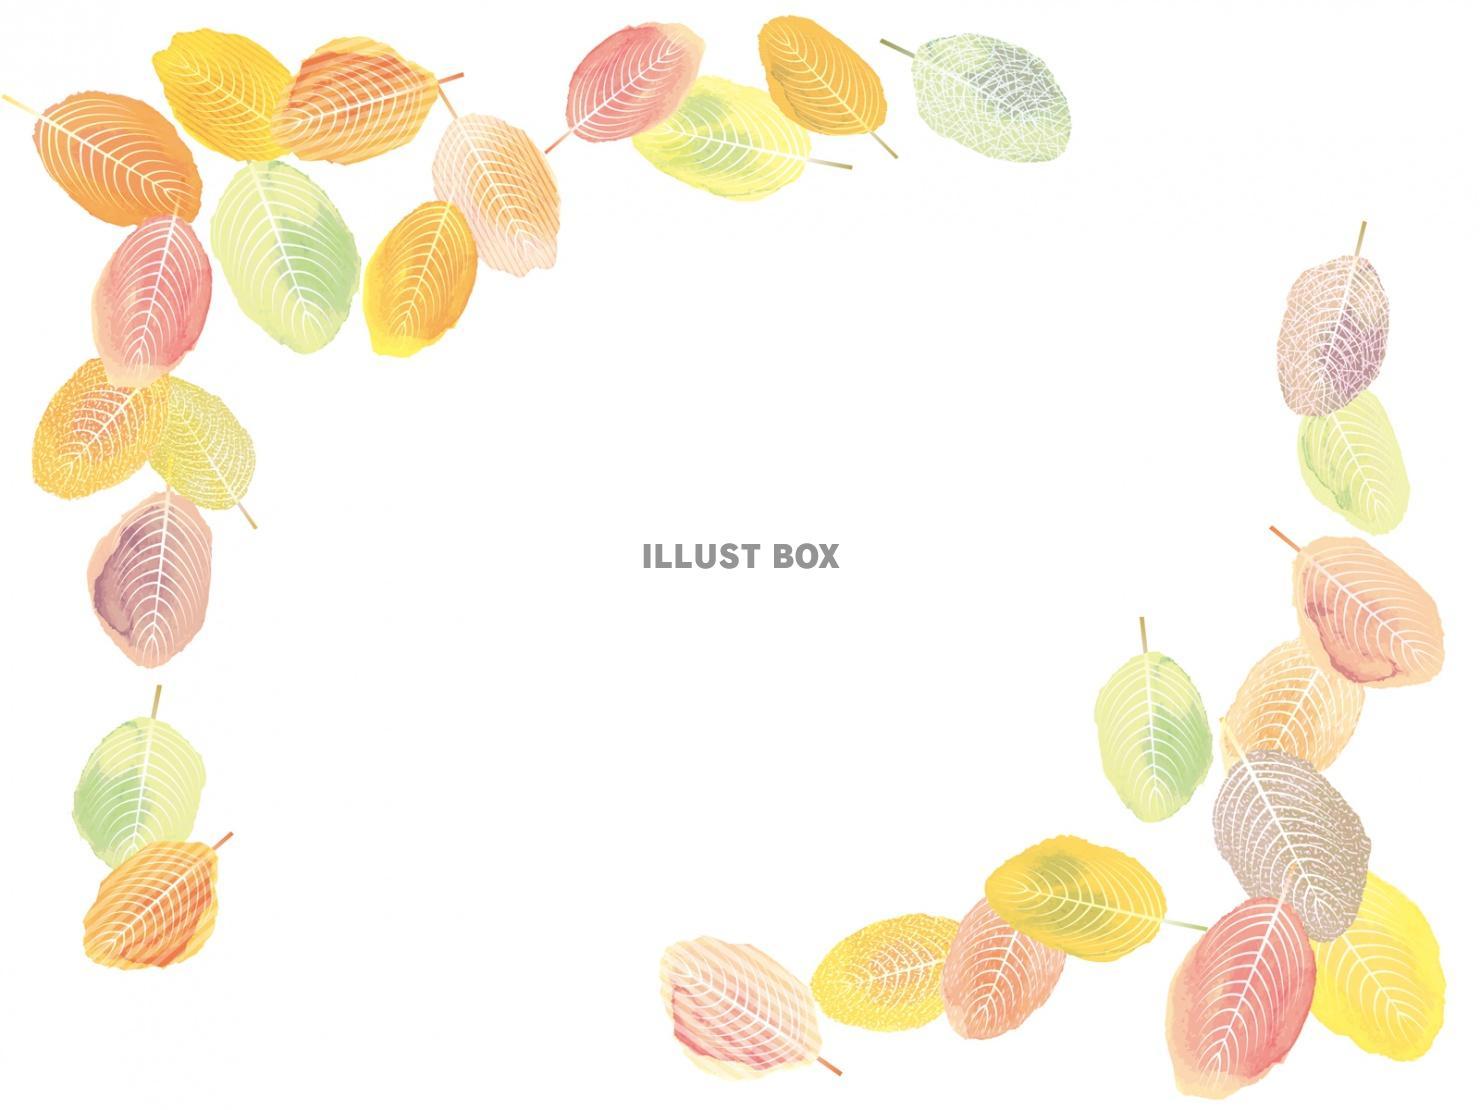 無料イラスト 葉 フレーム 秋 水彩 手書き 背景 和 和風 シルエット